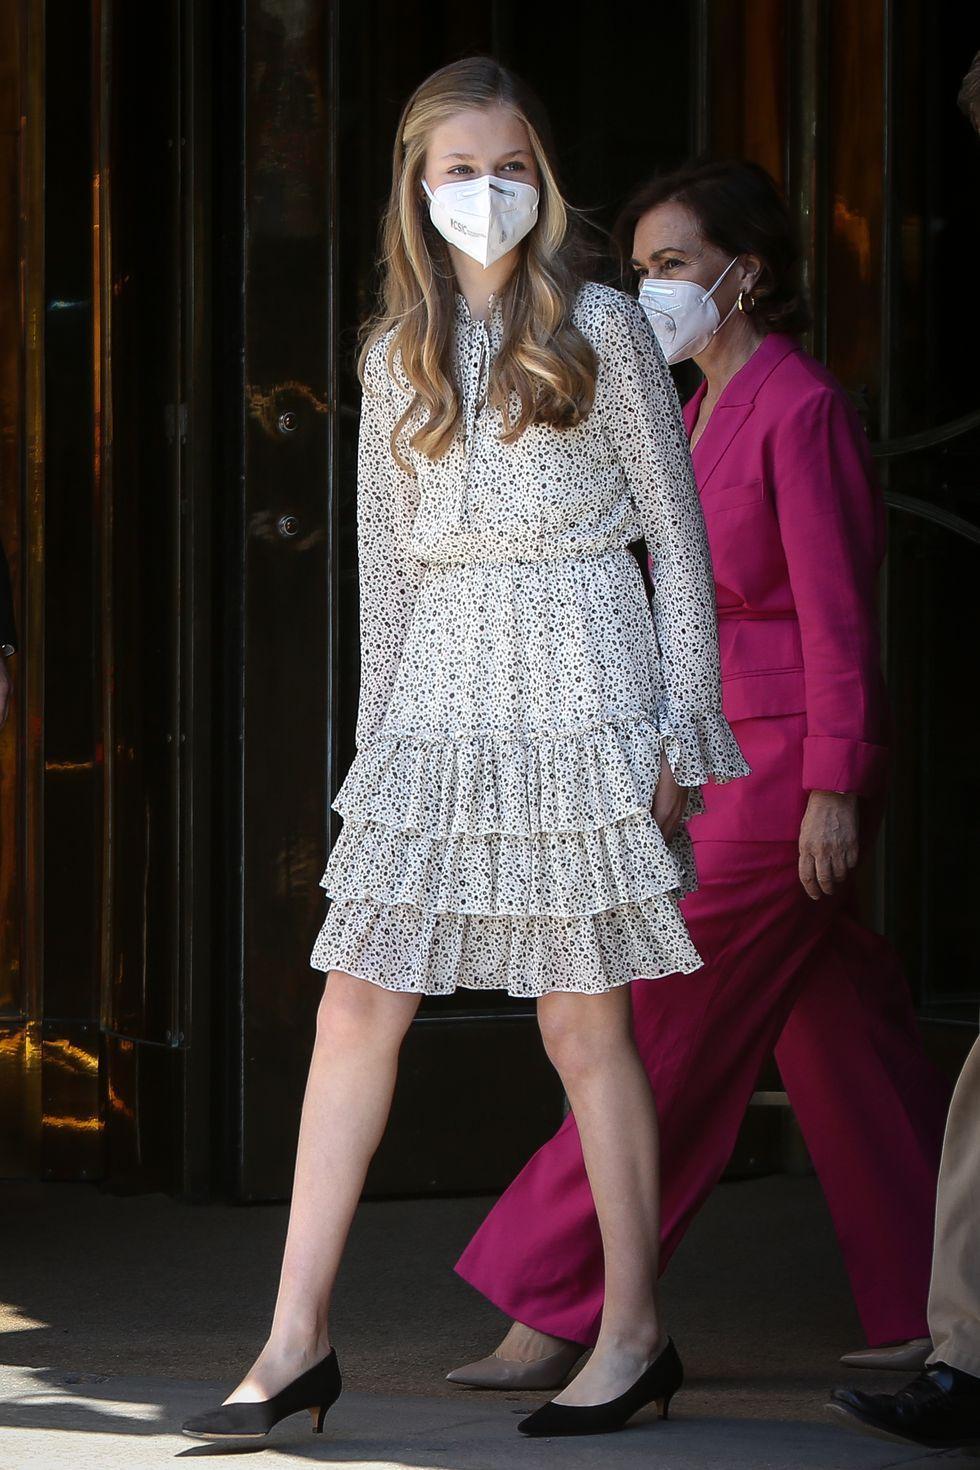 Công chúa Leonor duyên dáng trong mẫu váy xếp bèo ngọt ngào, ở tuổi 16, cô thường xuyên lựa chọn giày búp bê hoặc giày có độ cao vừa phải.